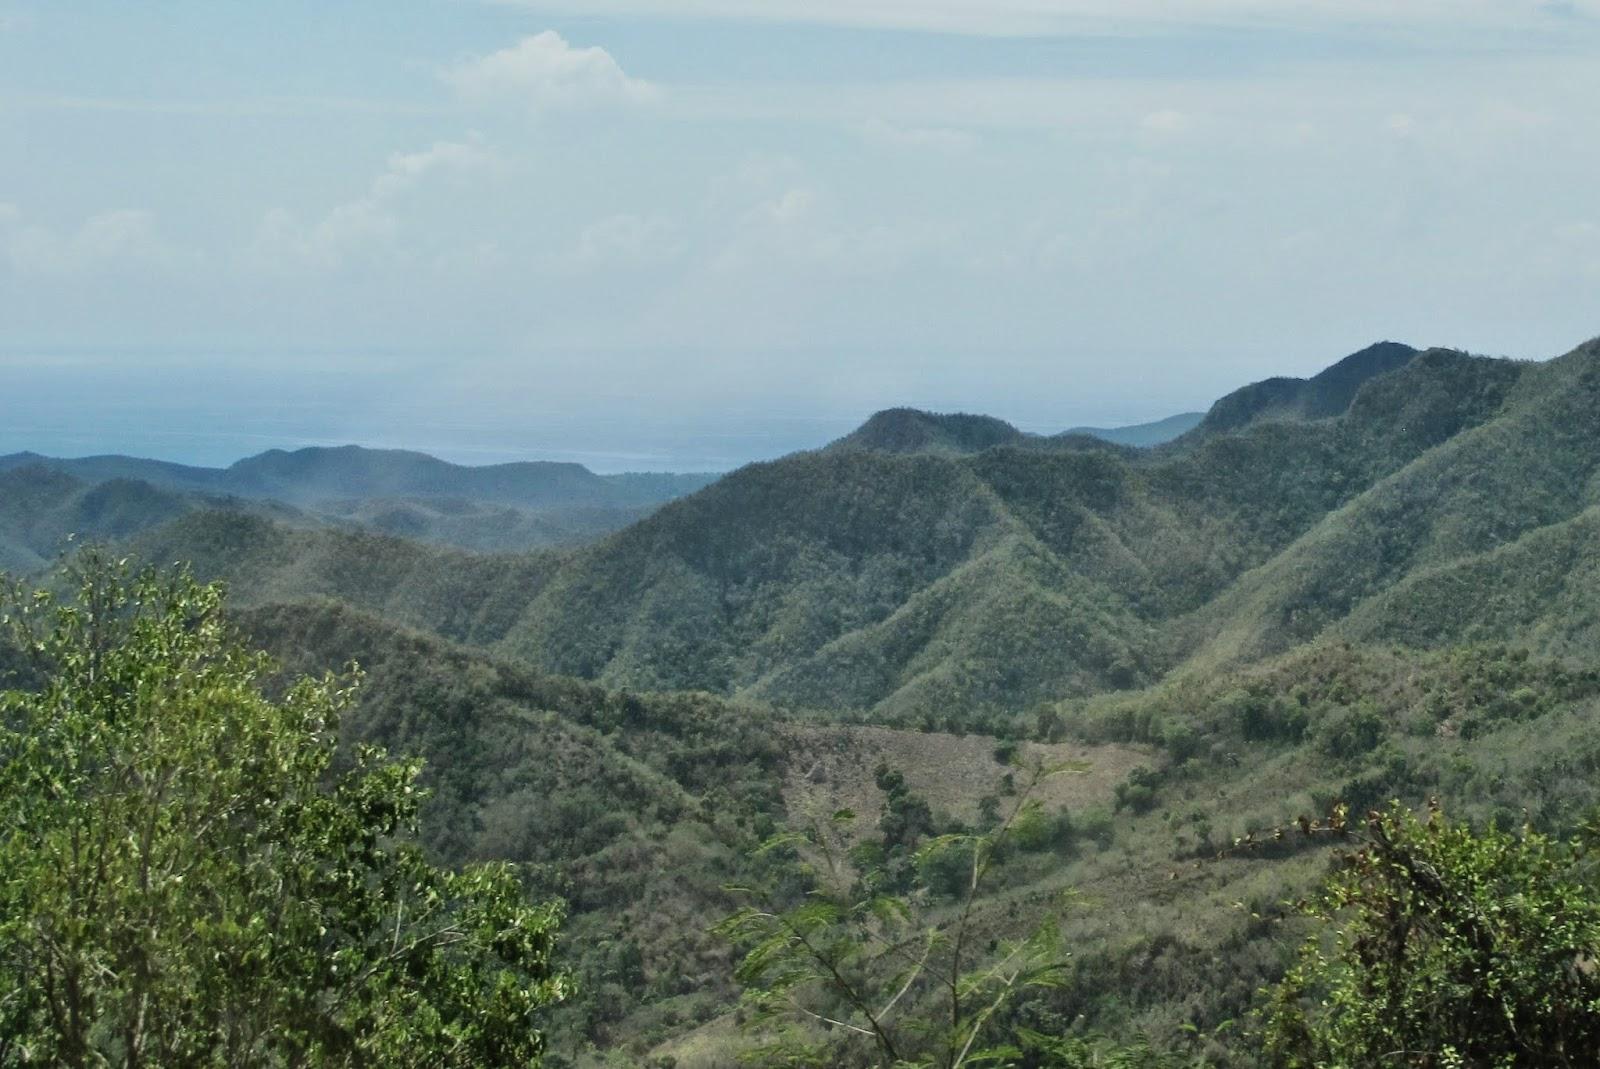 La Farola, a estrada que leva para Baracoa, em Cuba.